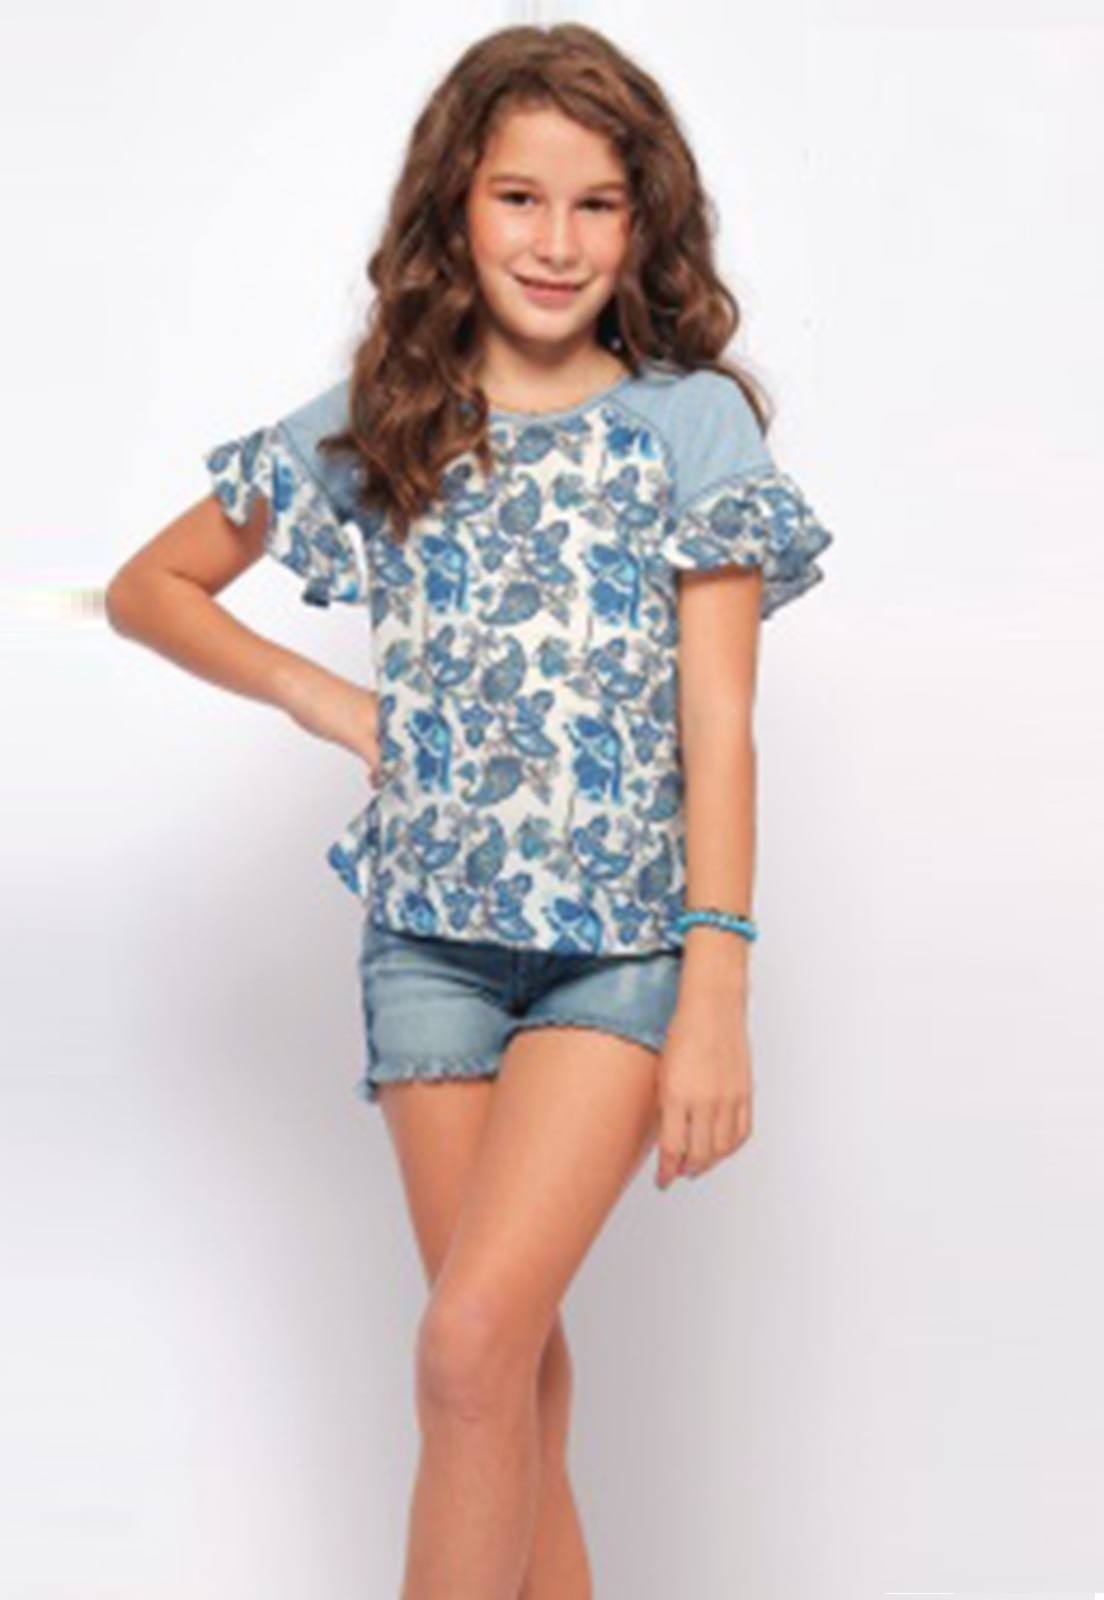 Bata Jeans com Aplique de Tricoline Estampado, um Novo Conceito em Moda Infantil essa Mistura de Tecidos Surpreende